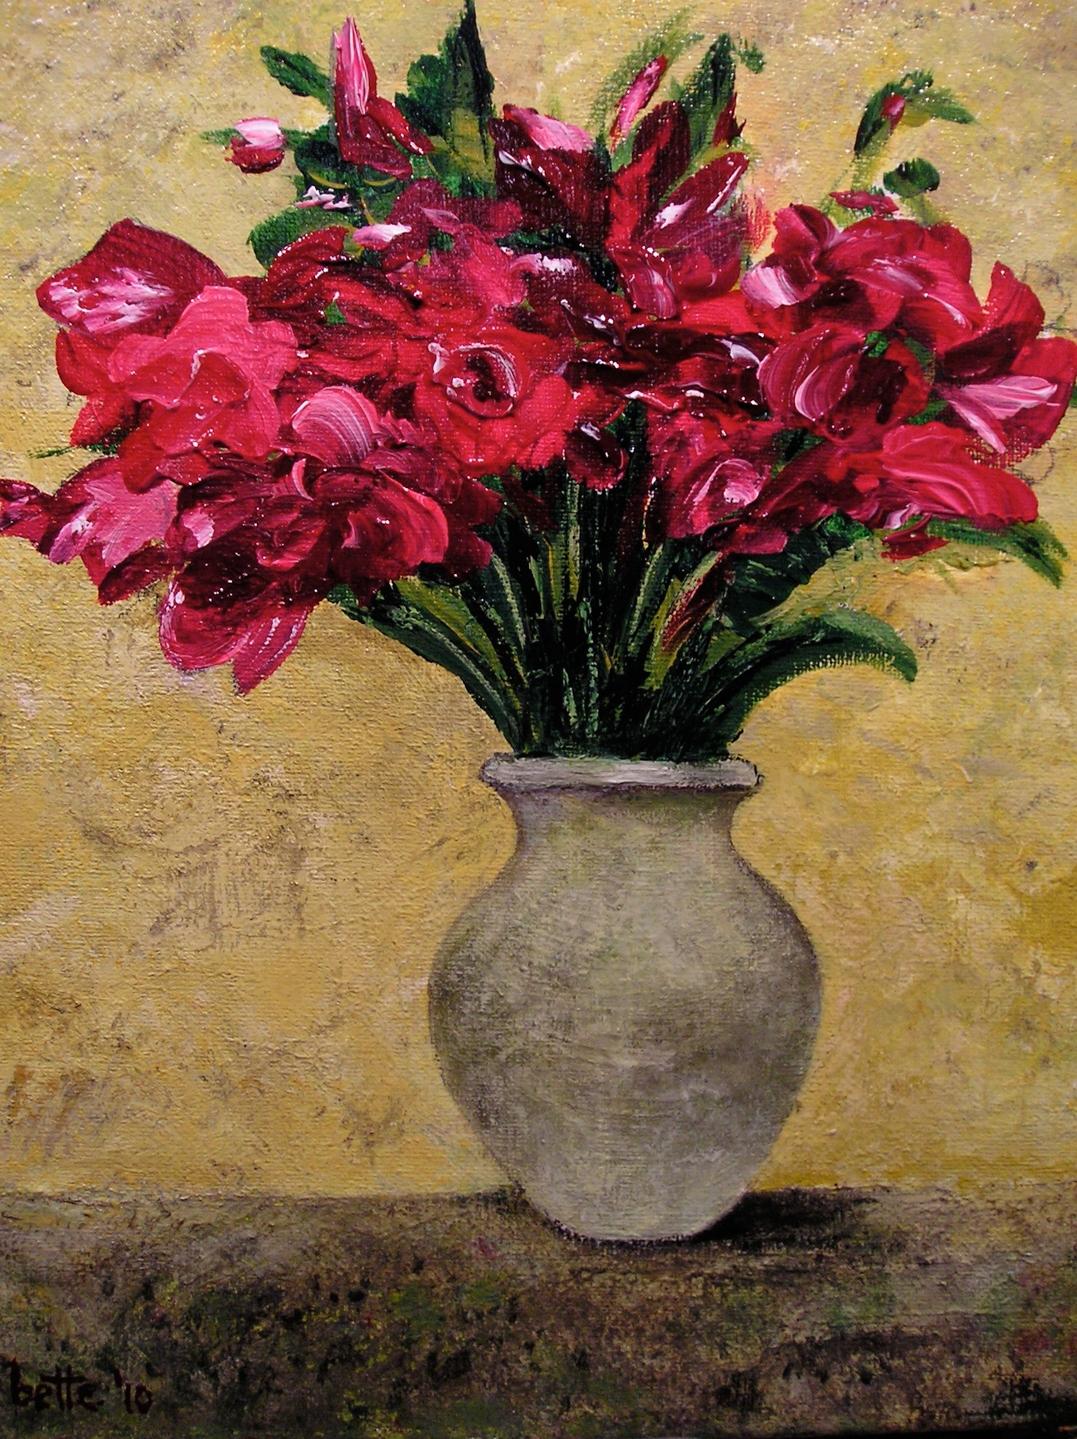 088 - Bettebloemen in een grijze vaas